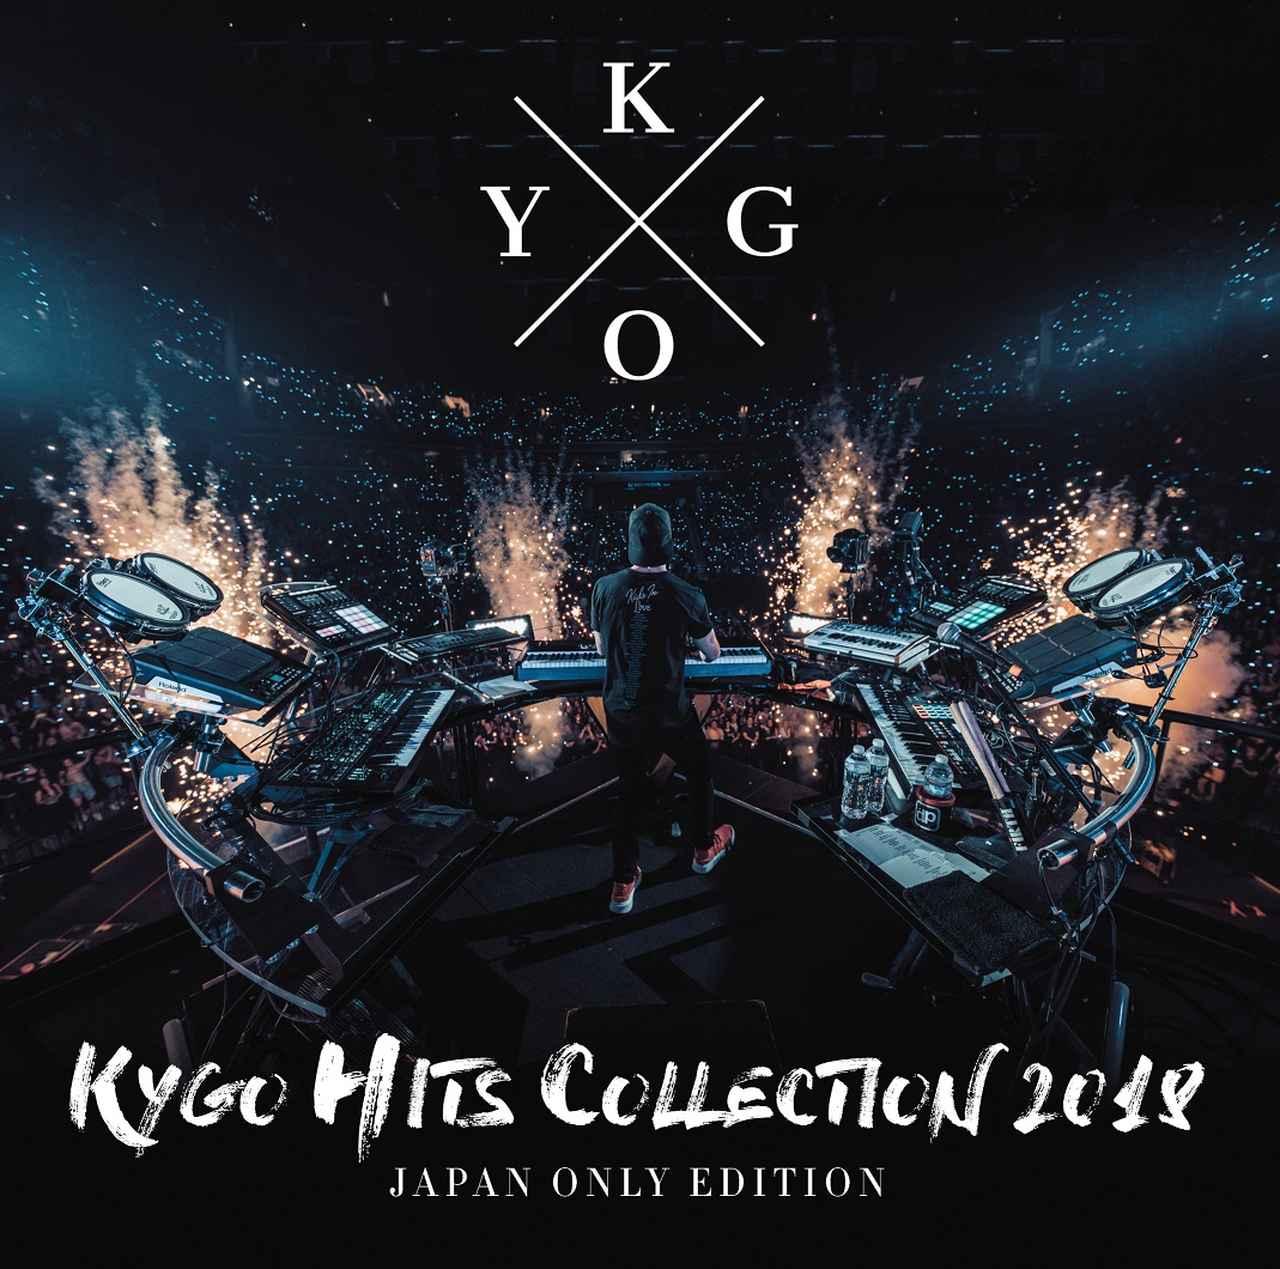 画像: アルバム『カイゴ・ヒッツ・コレクション 2018 (ジャパン・オンリー・エディション)』 www.sonymusic.co.jp